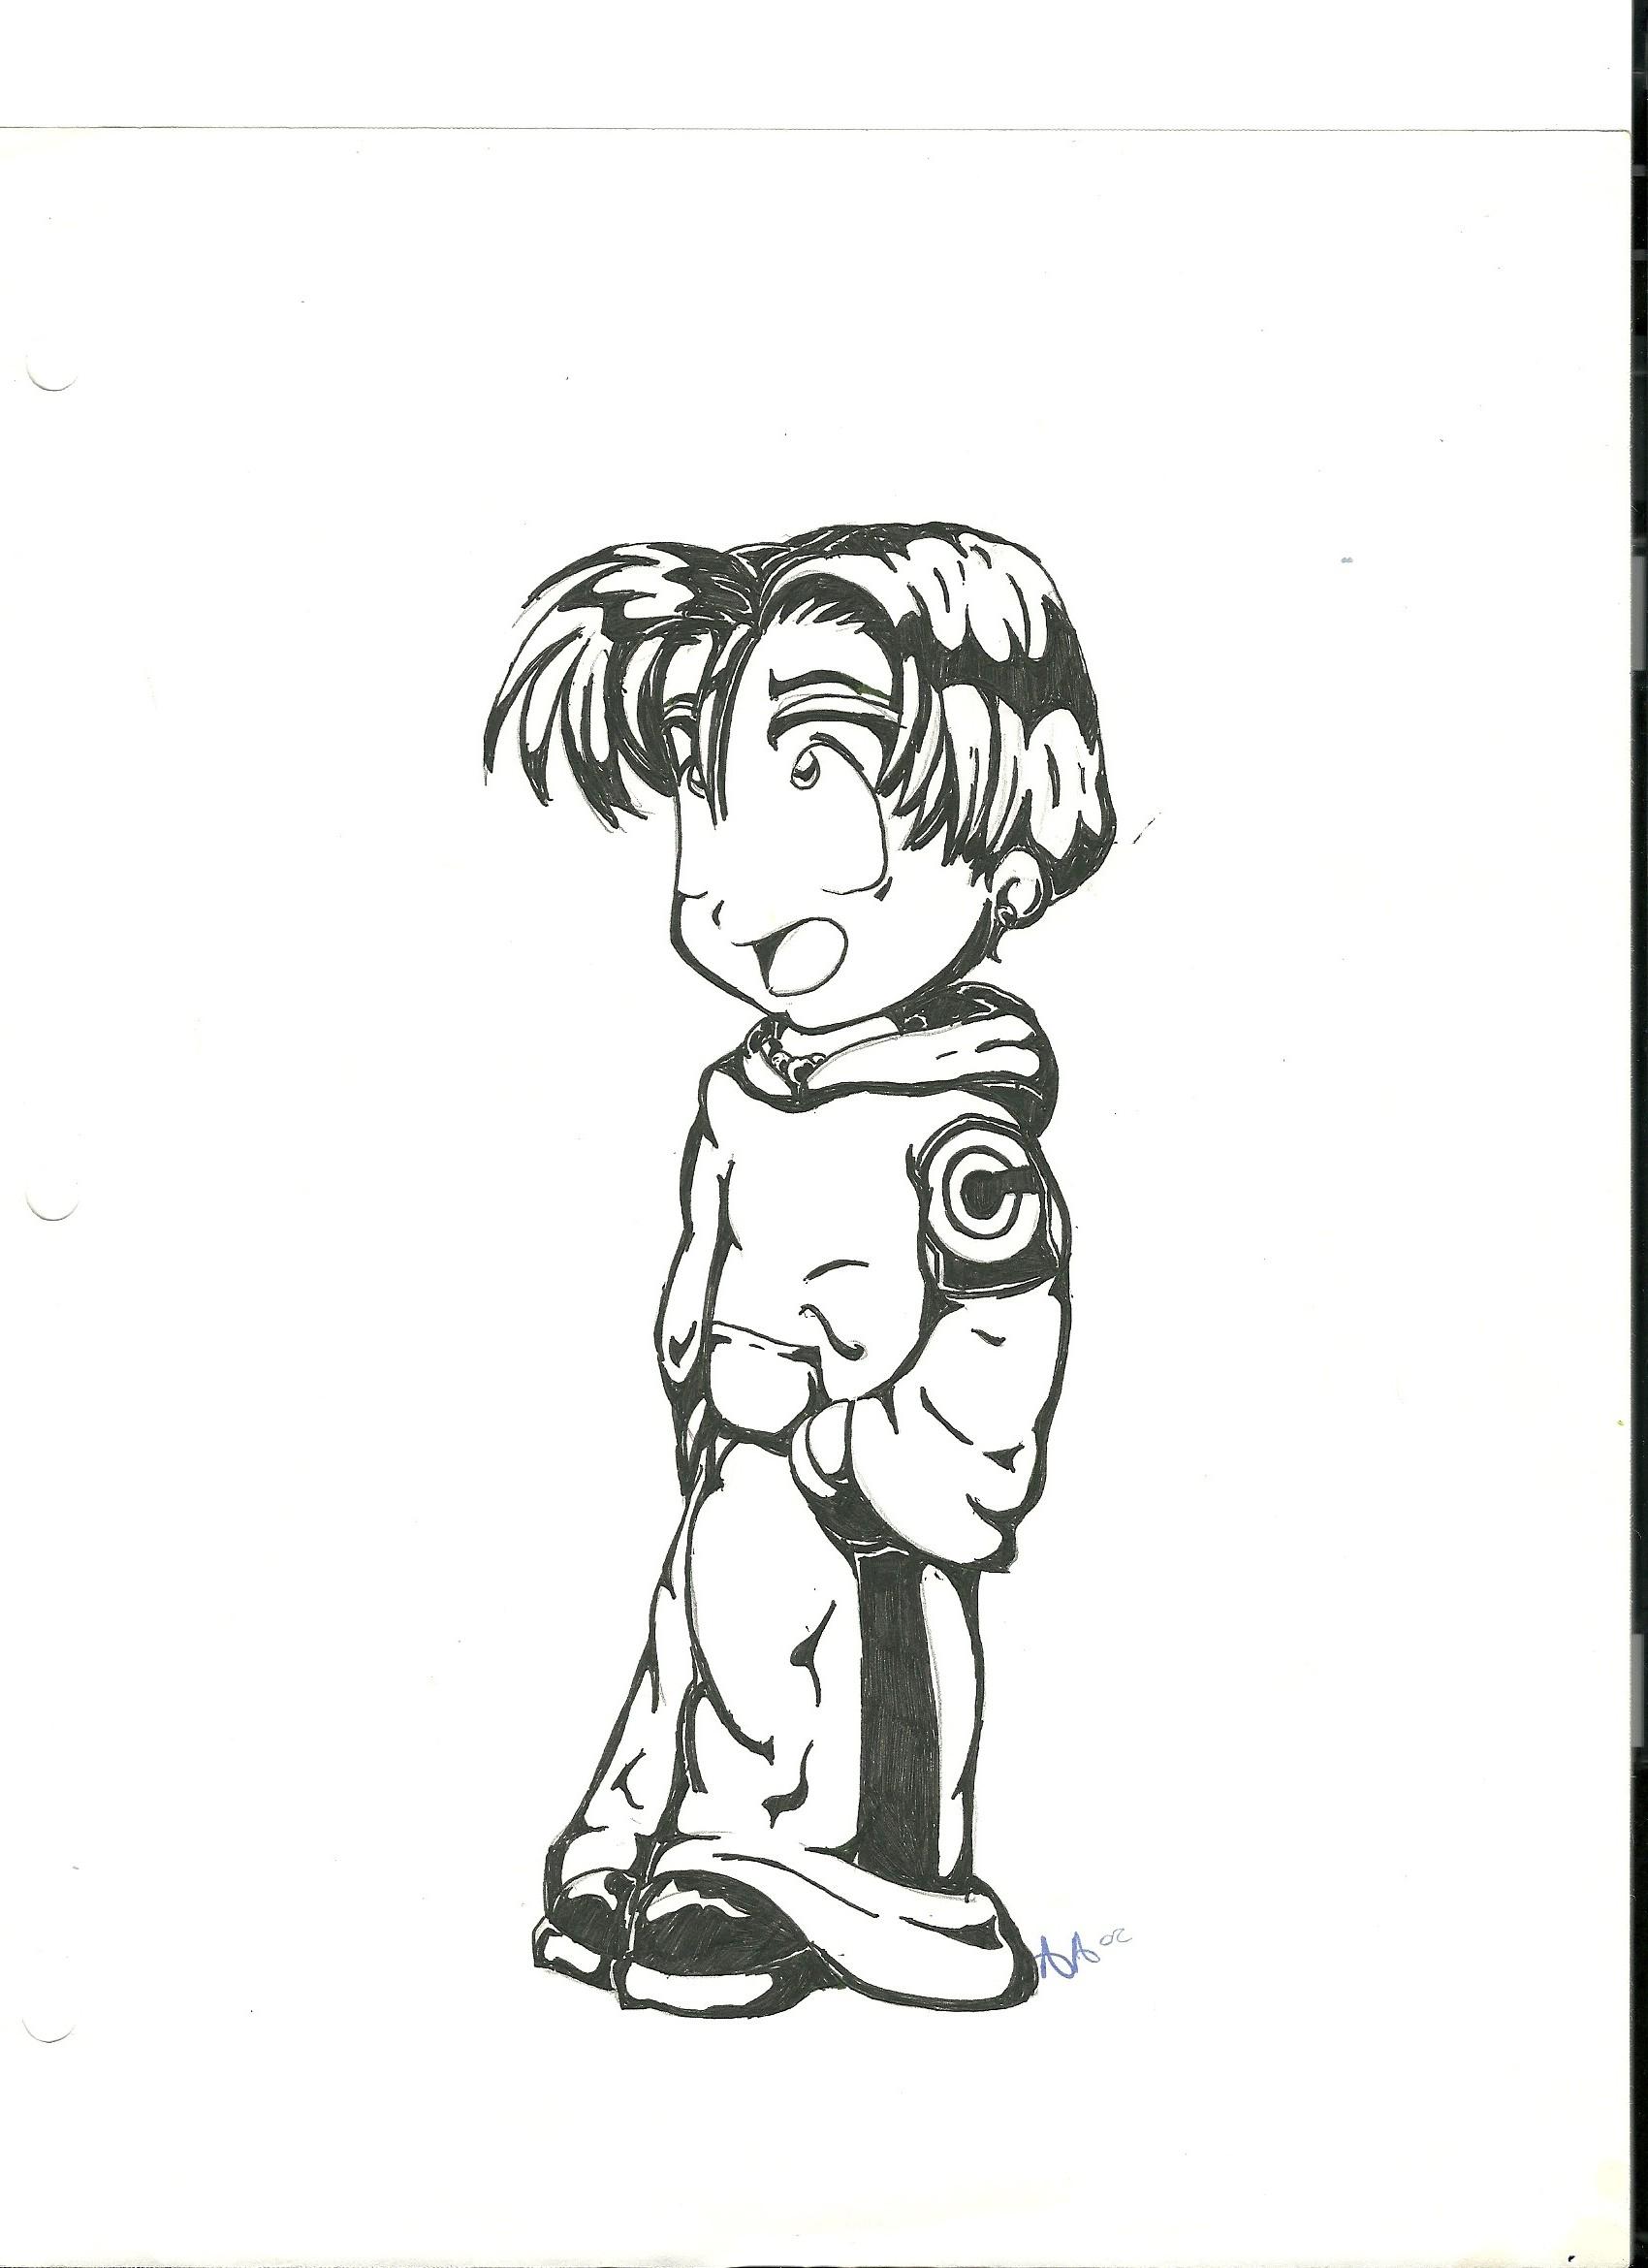 Capsule Corp. Yukio